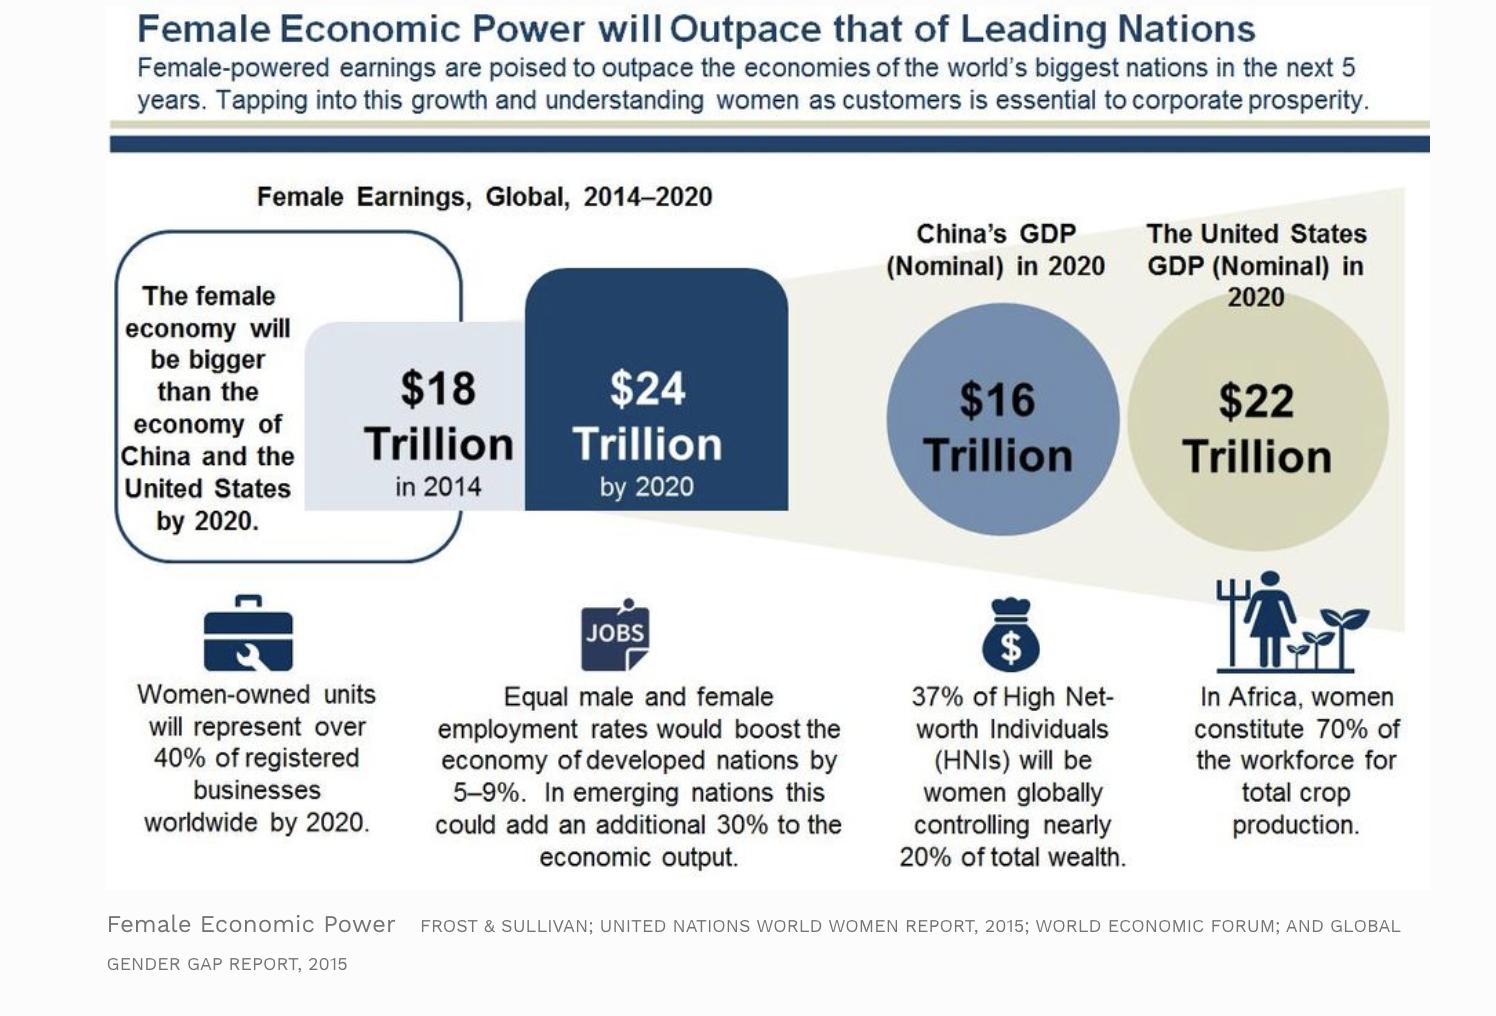 Female Economic Power